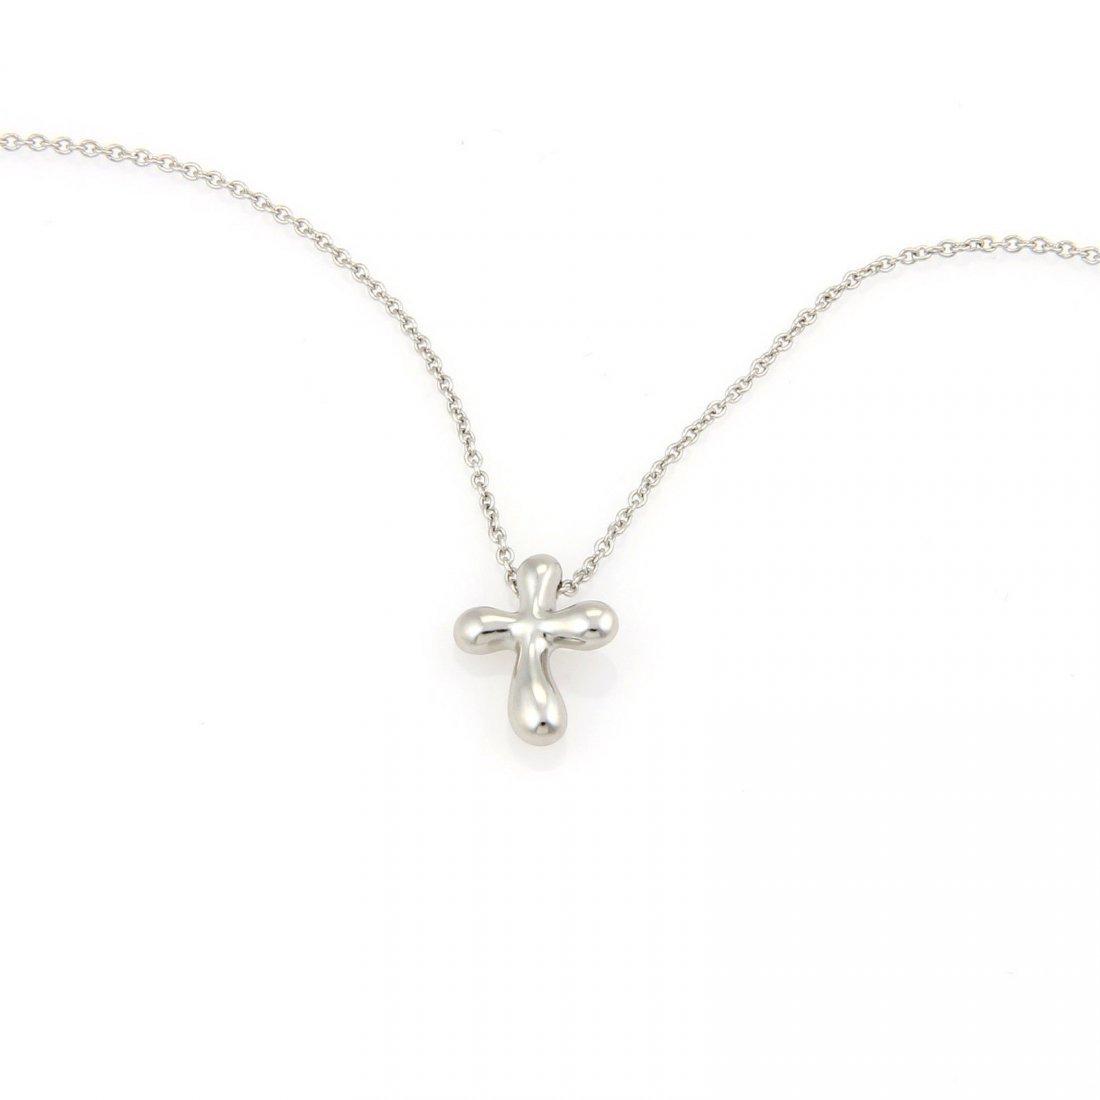 Tiffany & Co. Elsa Peretti Small Cross Pendant in